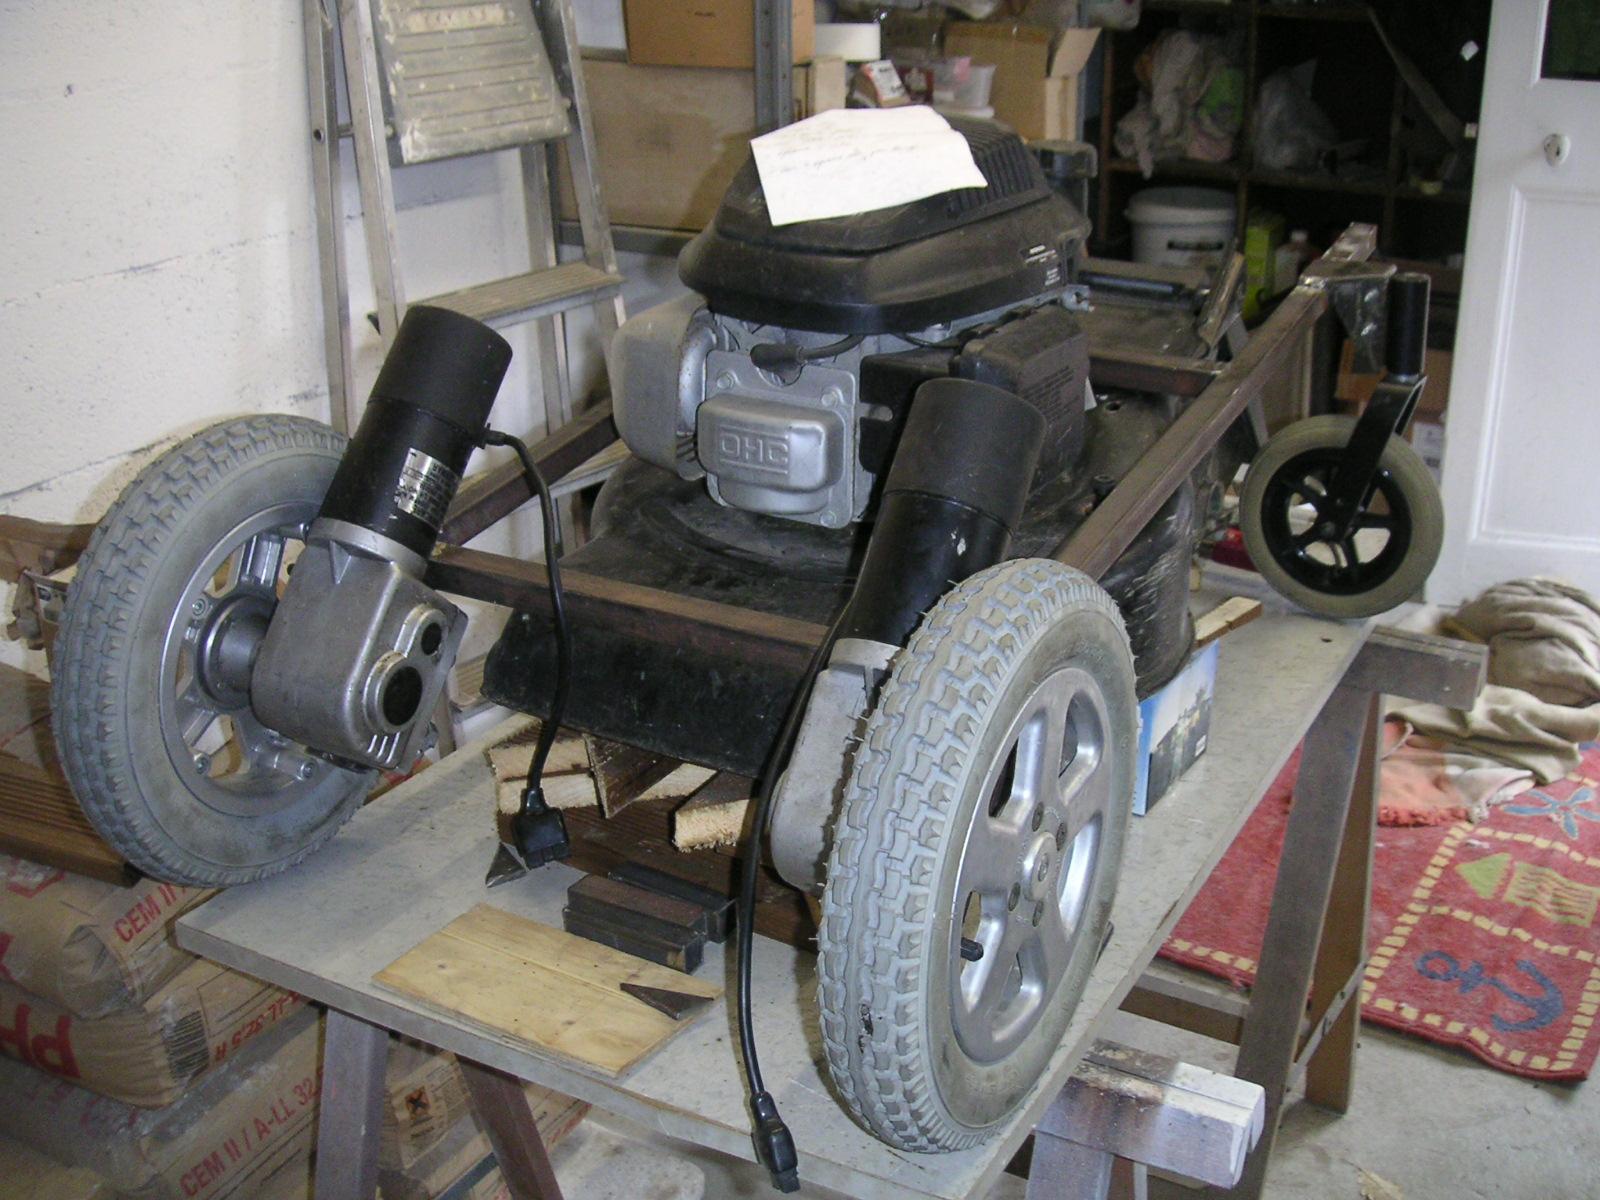 diy tondeuse rc lawn mower montage sur la tondeuse. Black Bedroom Furniture Sets. Home Design Ideas